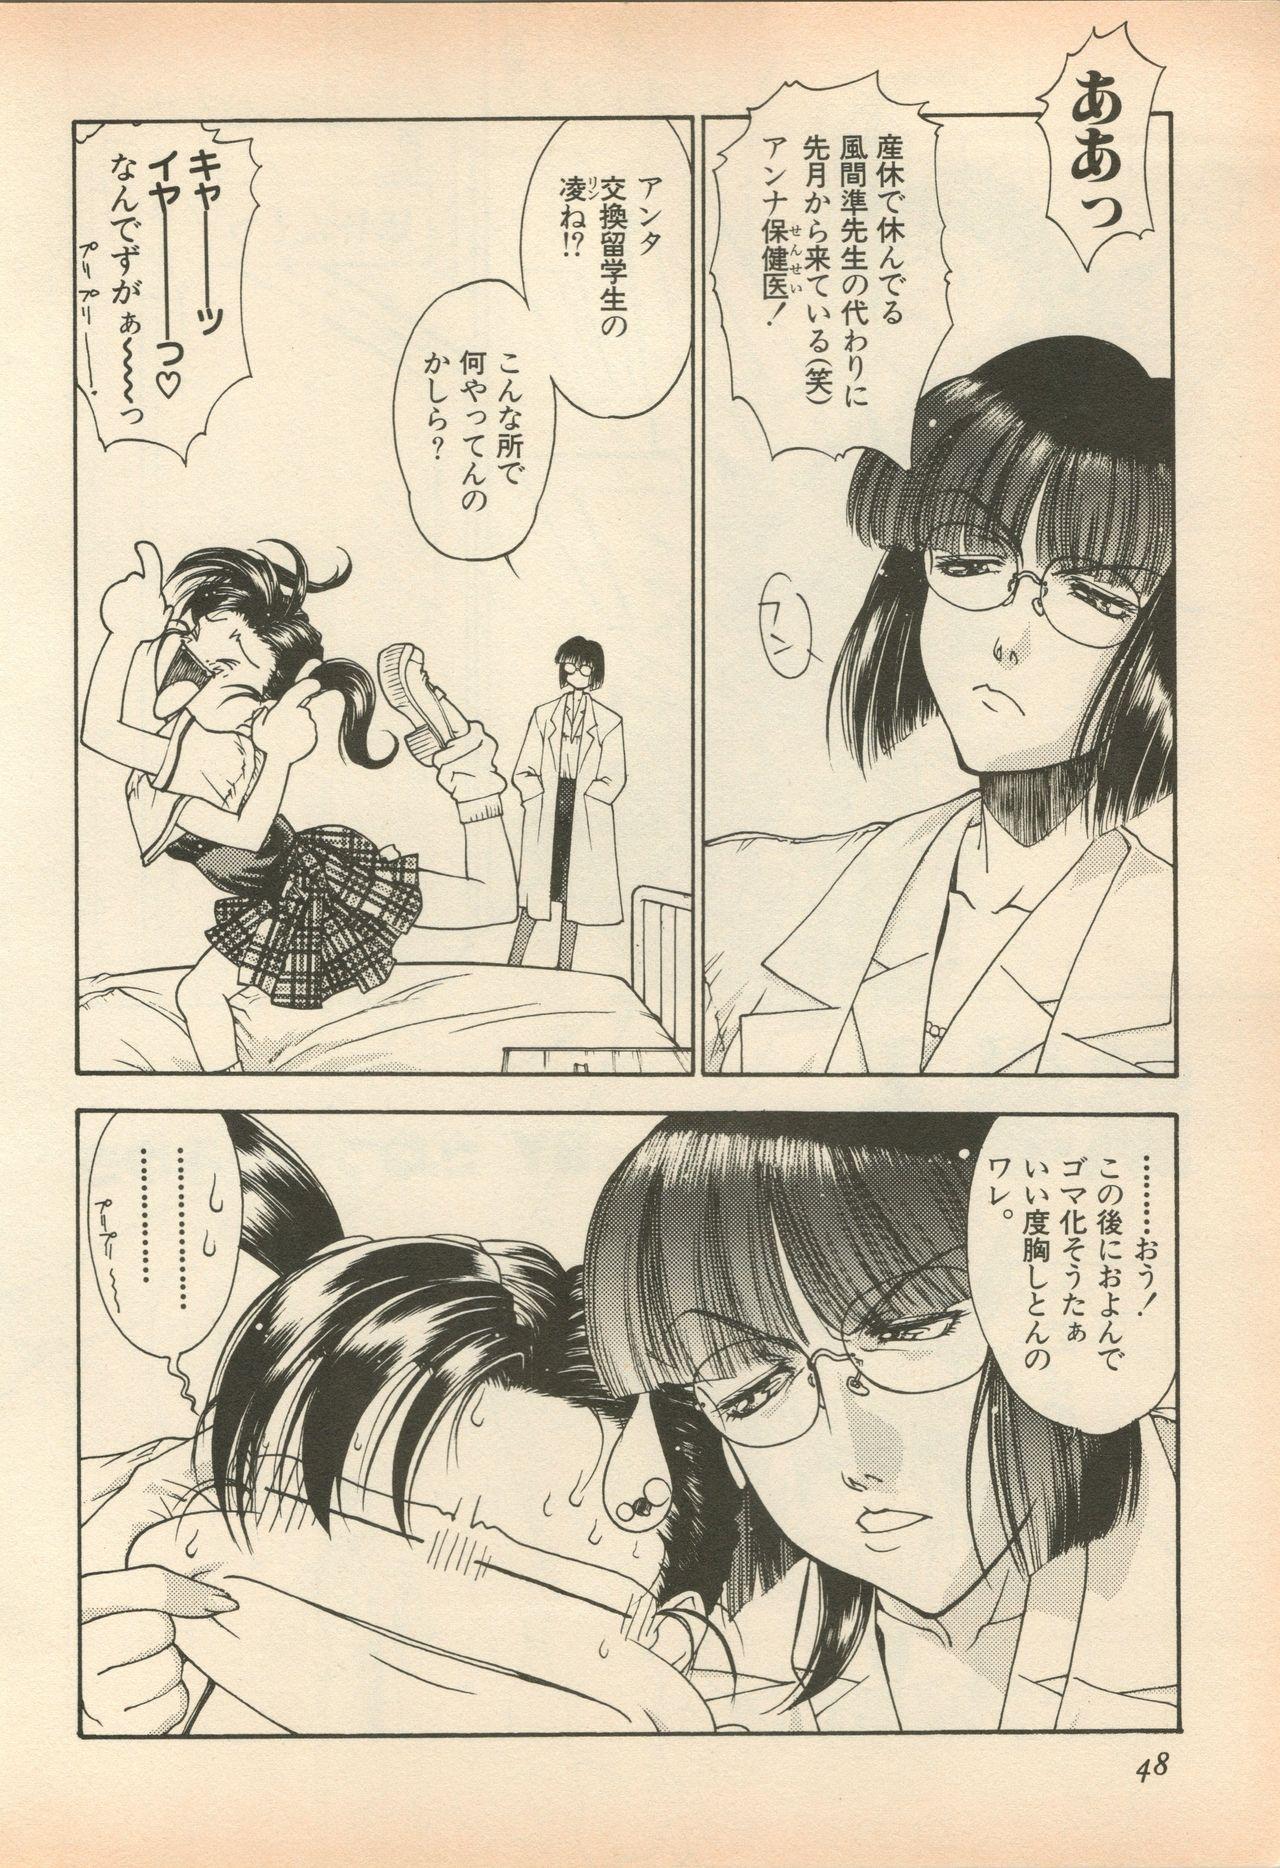 Shin Bishoujo Shoukougun 5 Fukkatsu hen 50